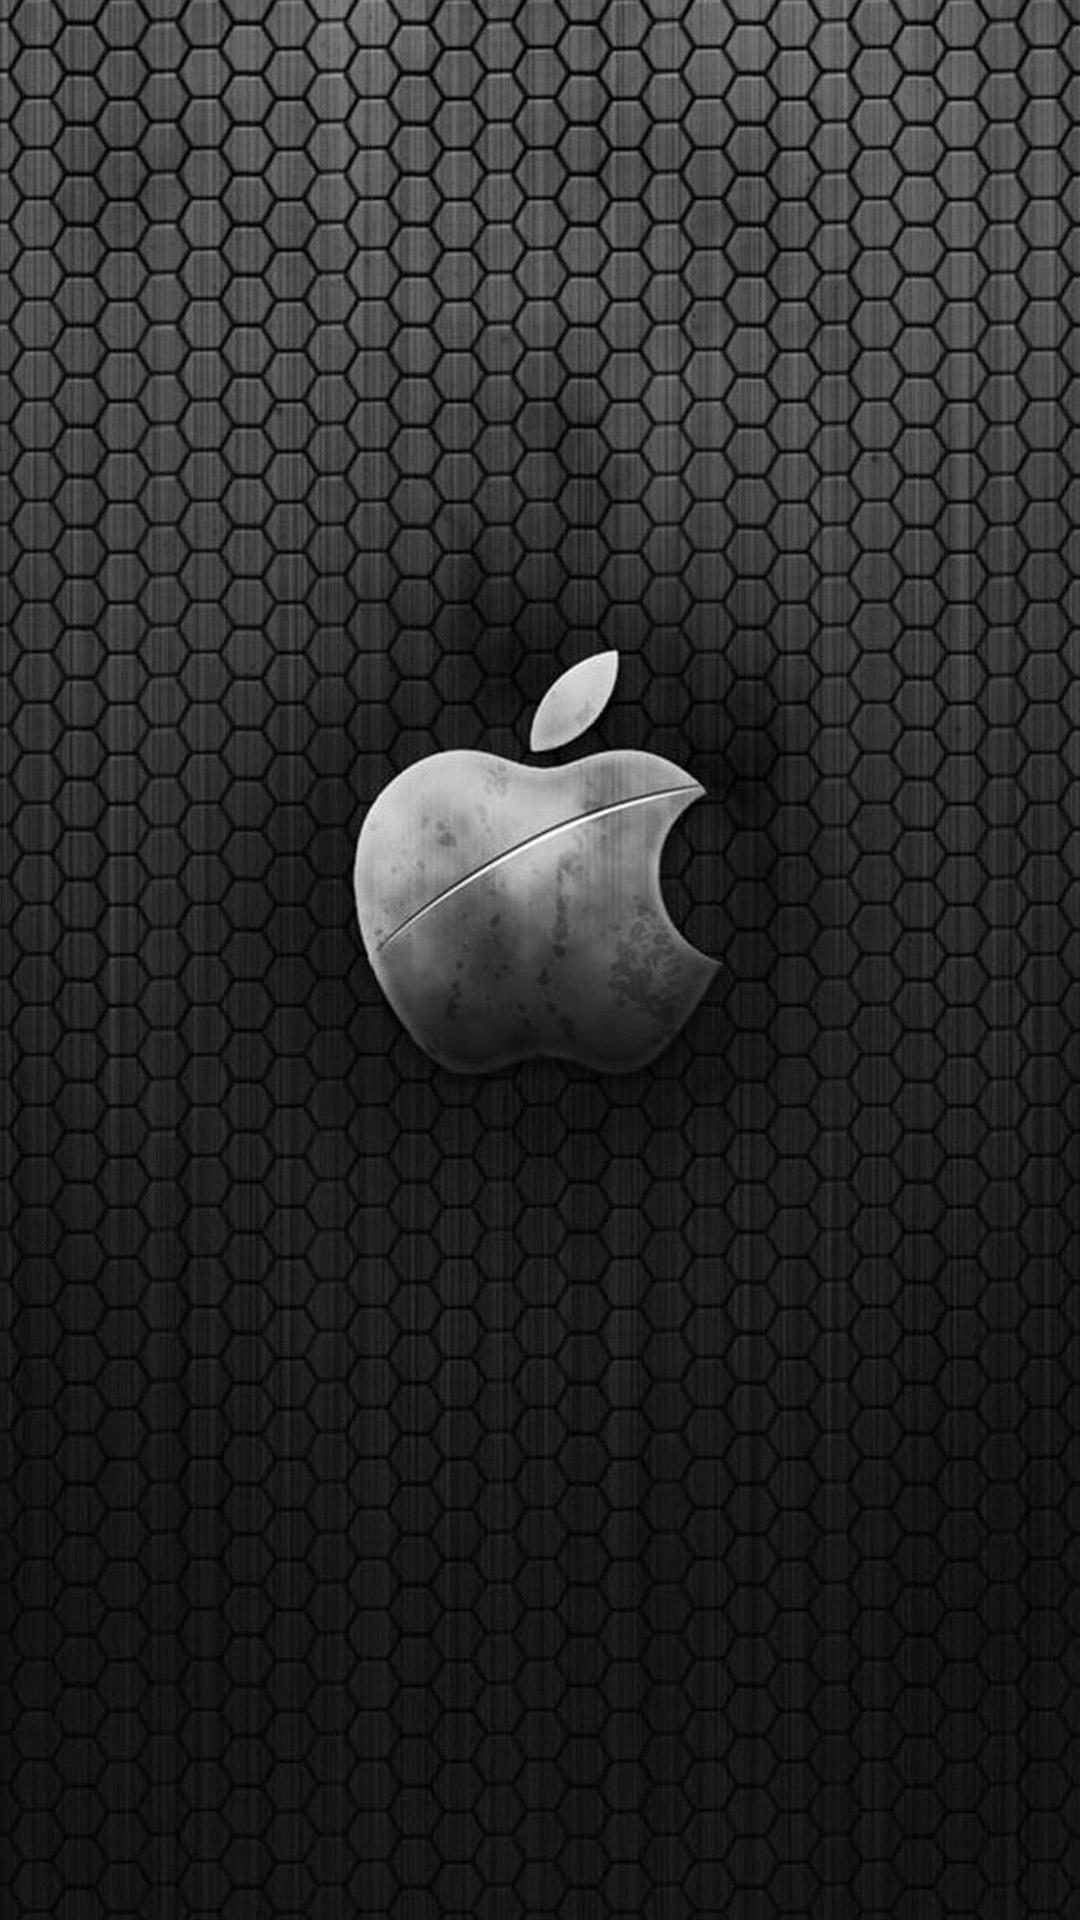 メタリックなappleロゴの壁紙 Iphone Wallpapers